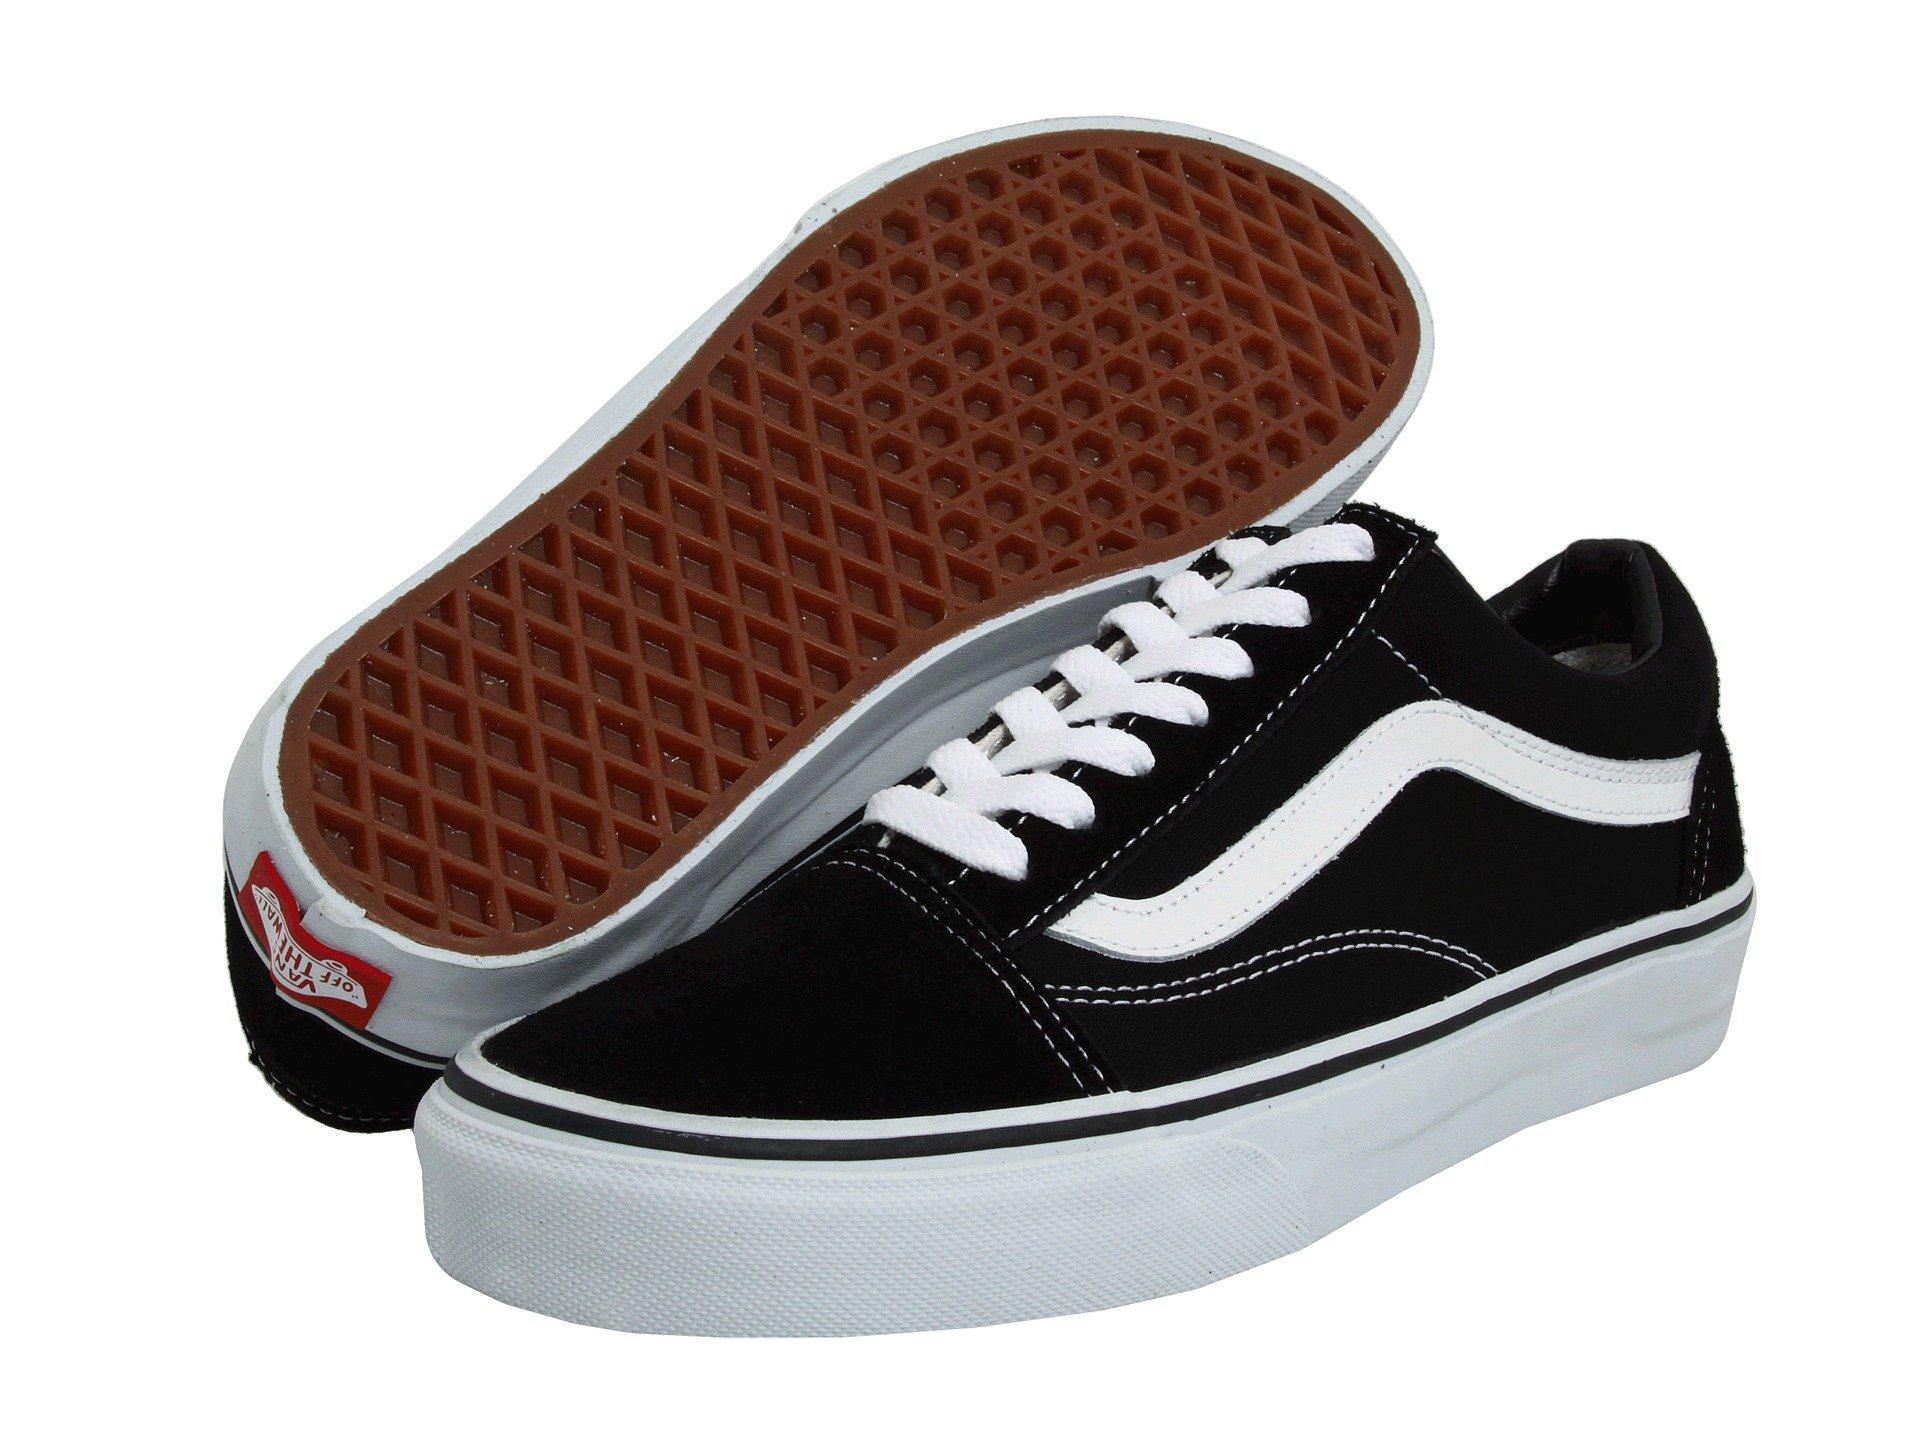 Vans Unisex Old Skool Skate Shoe (11 D(M), Black/White)